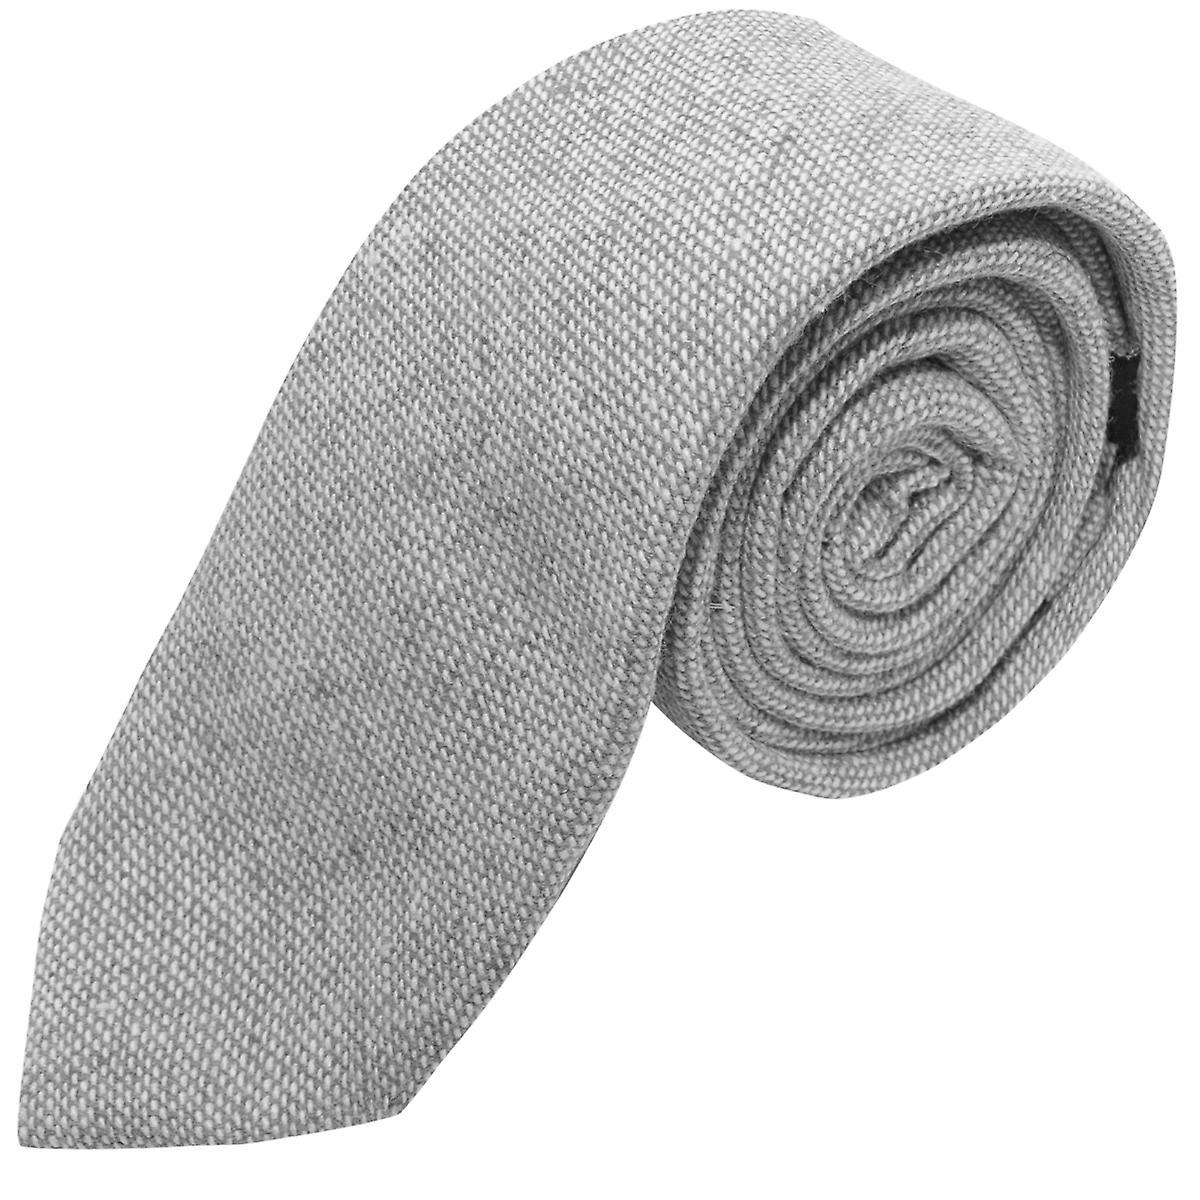 Highland Weave Stonewashed Light Grey Tie